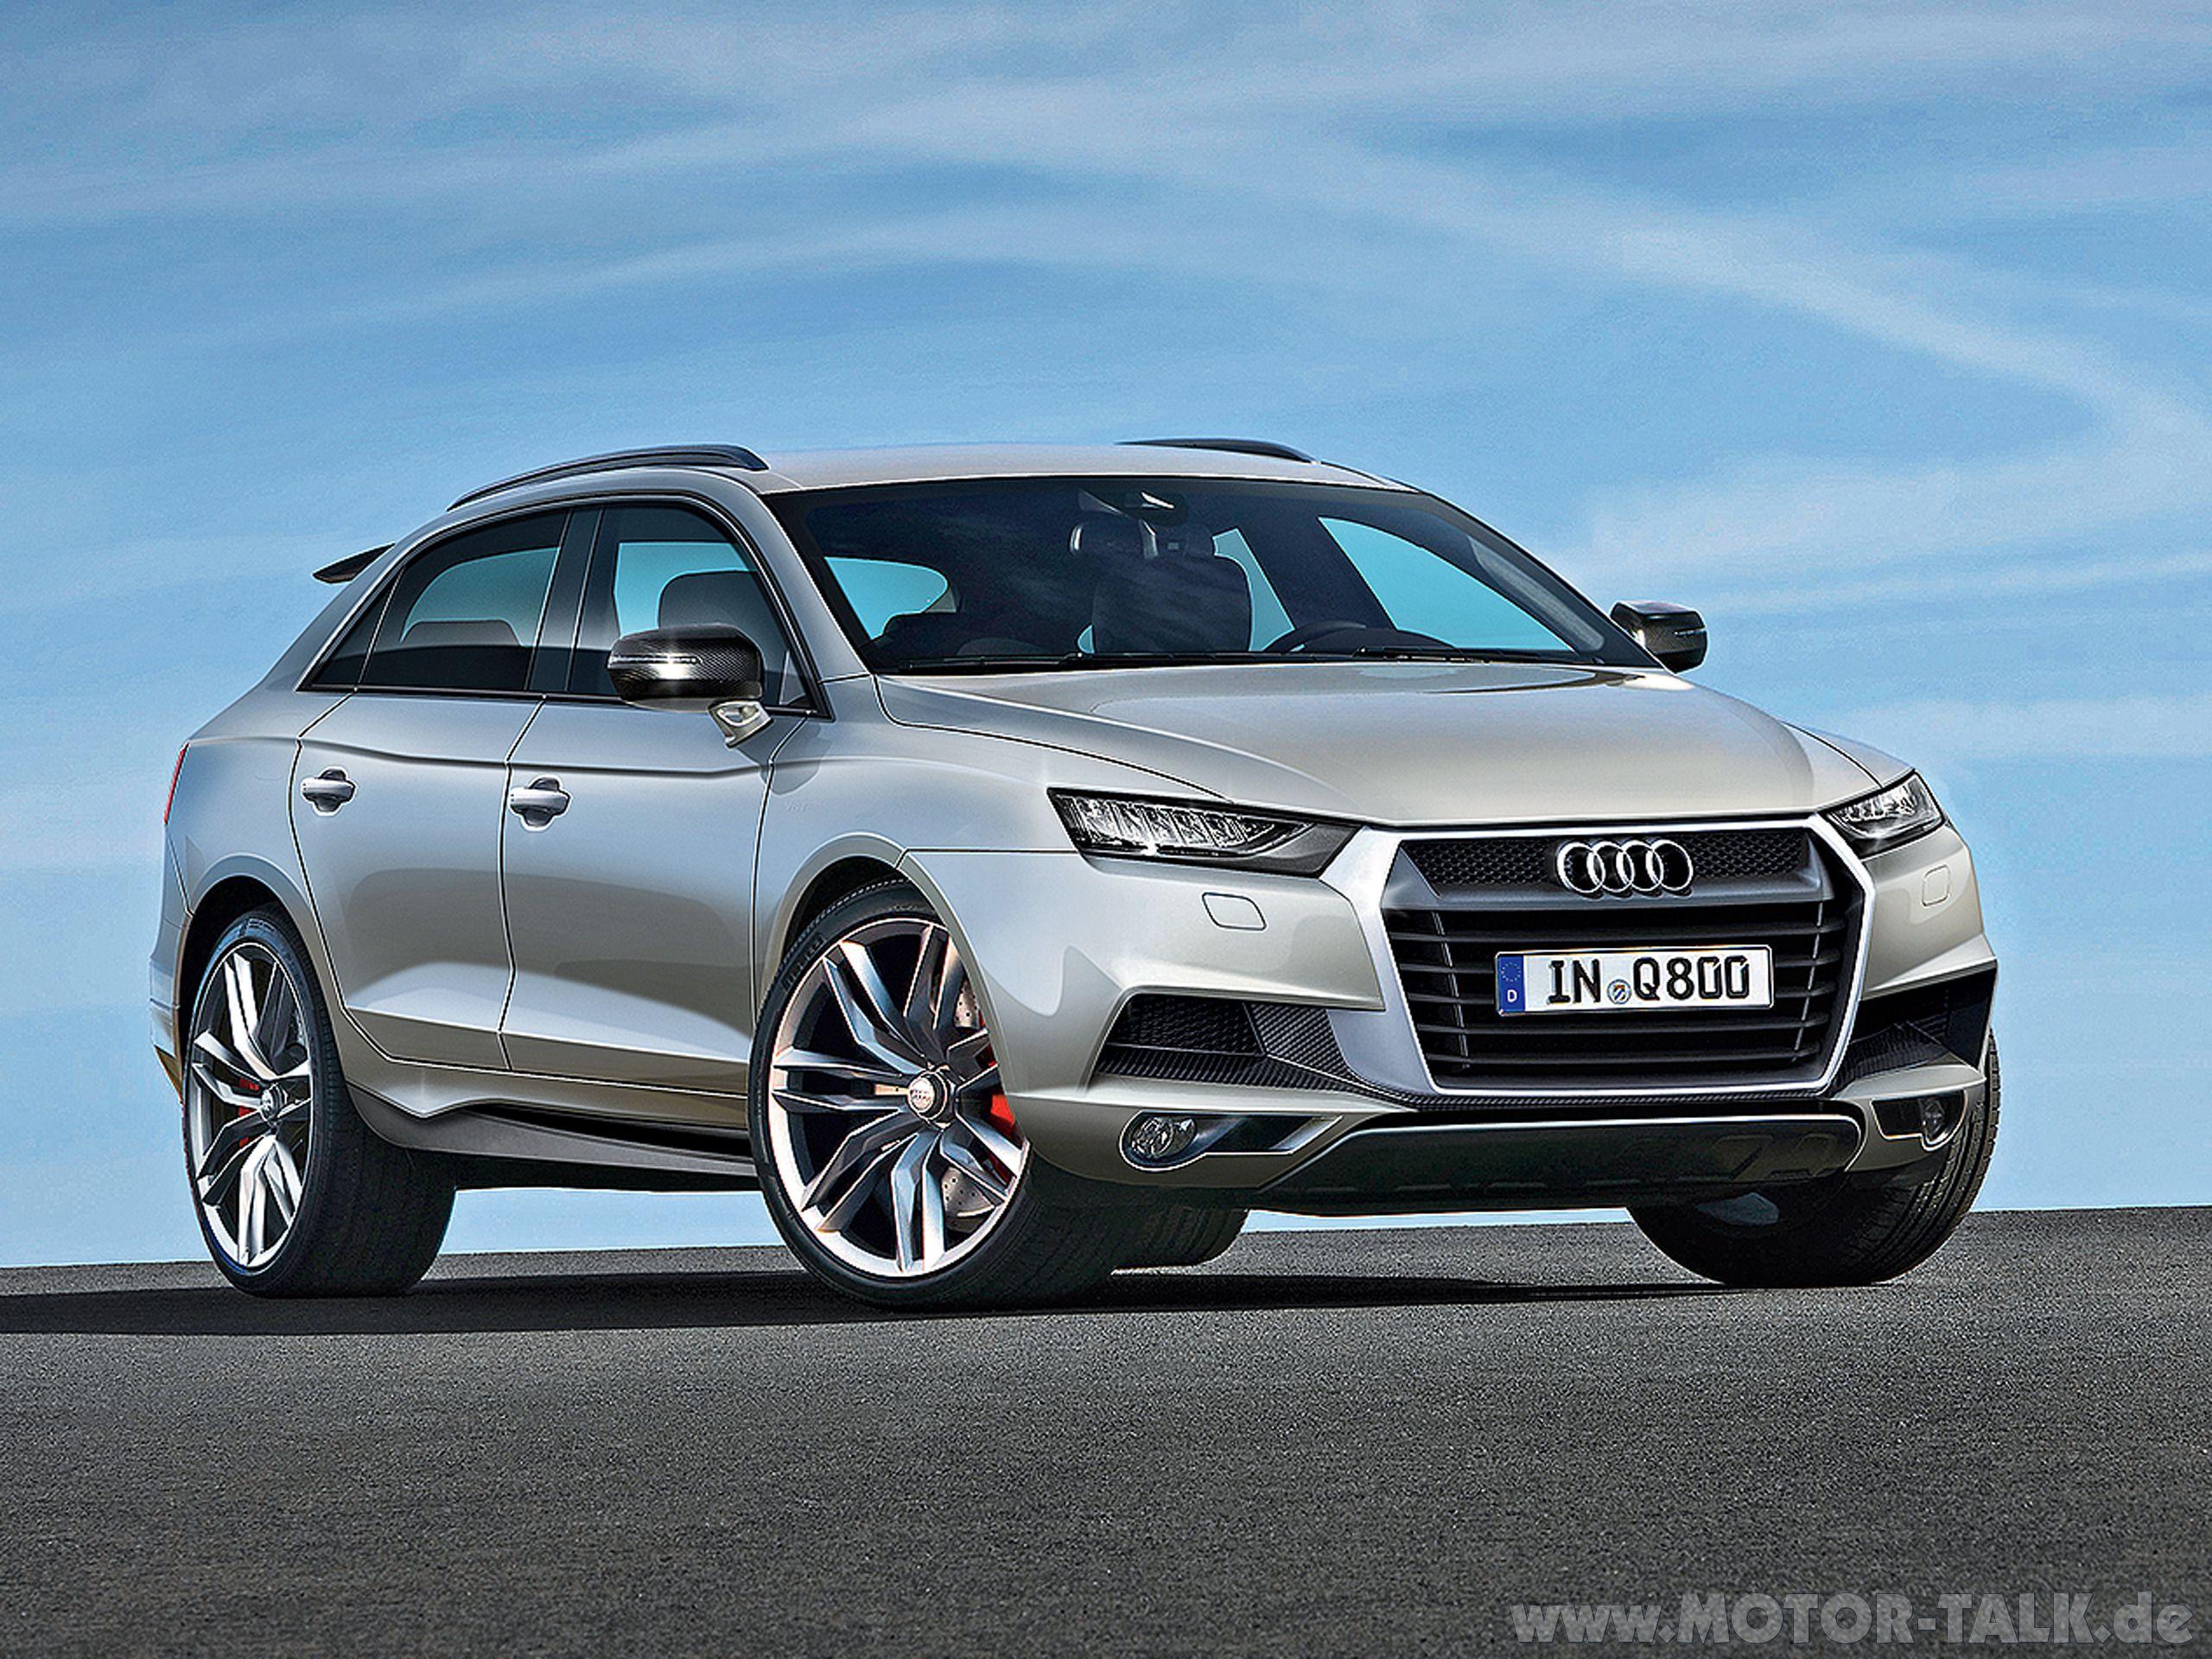 2014 Audi Q8 Sport